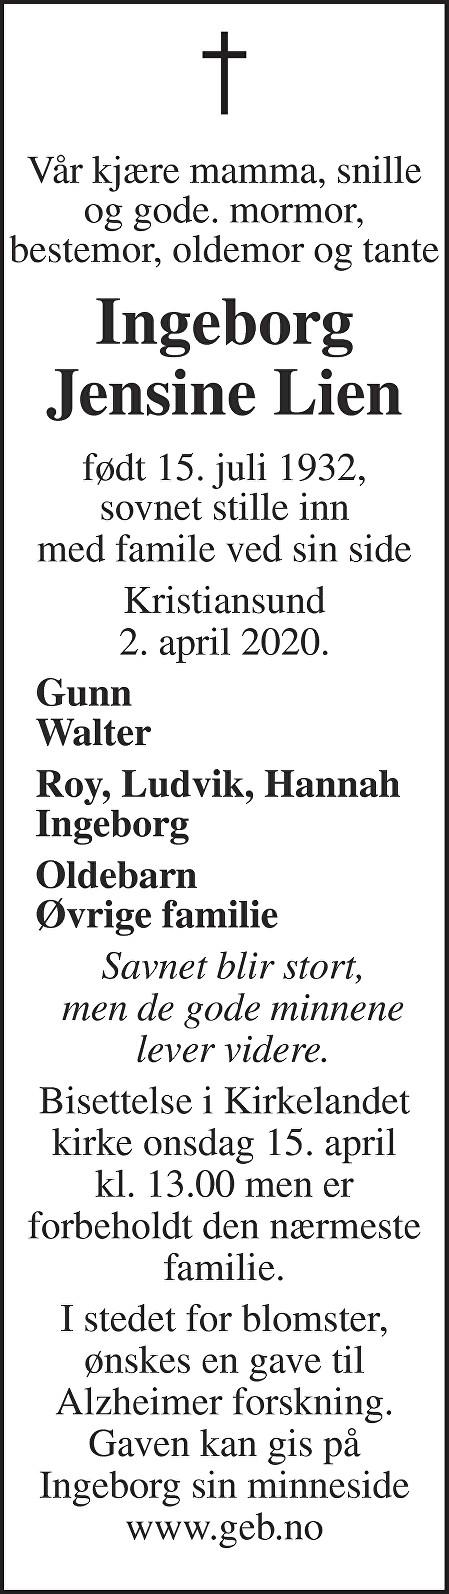 Ingeborg Jensine Lien Dødsannonse